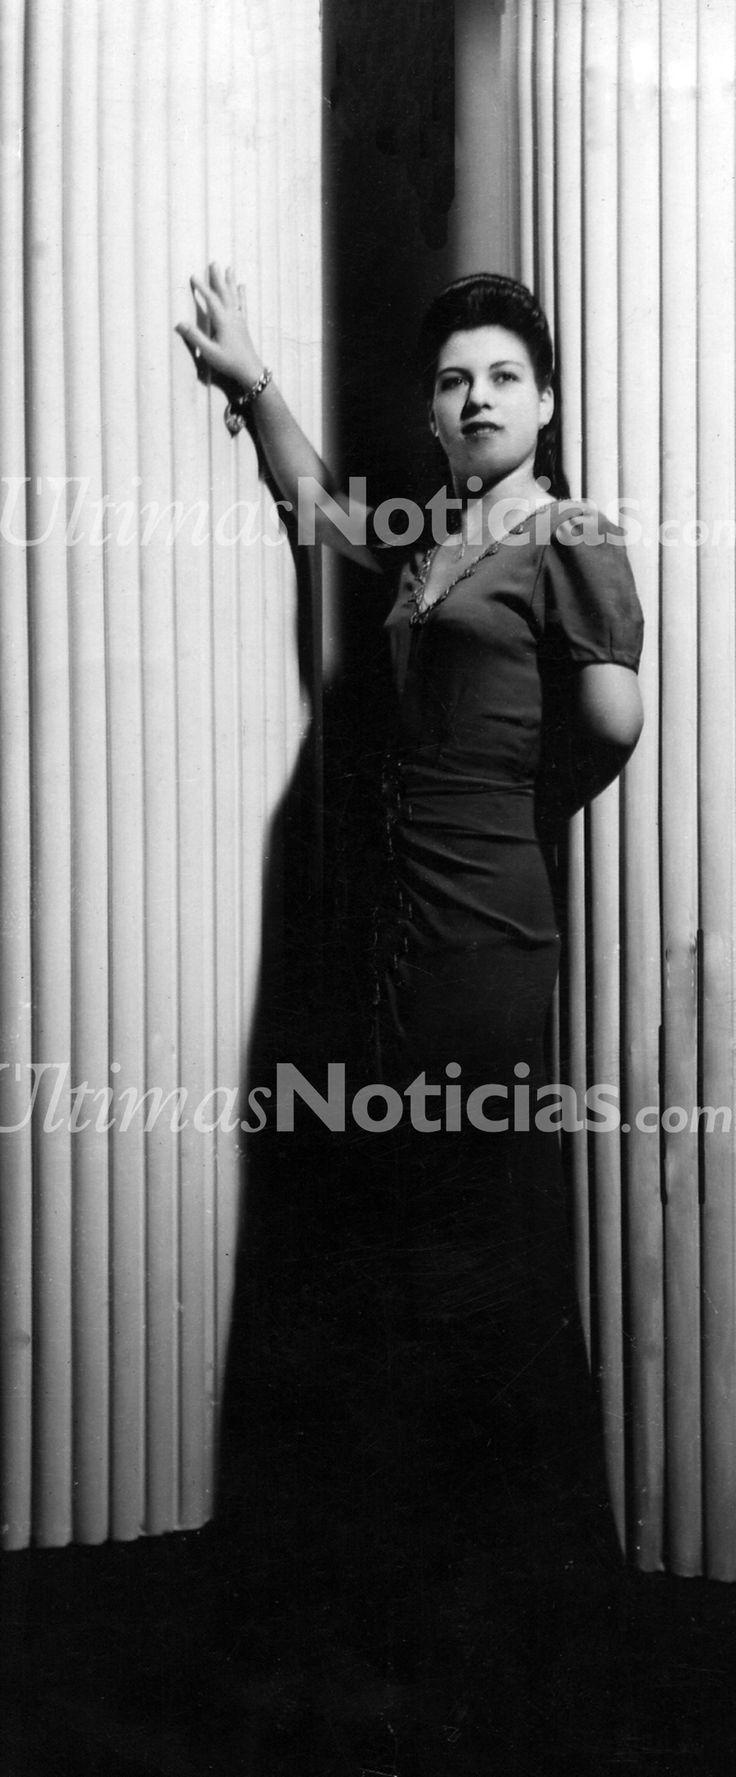 Amalia Pérez Díaz, mejor conocida como Doña Amalia, fue una  actriz chilena-venezolana destacada en las telenovelas venezolanas: La doña, Topacio, La dama de rosa, Mi gorda bella, La niña de mis ojos, Raquel, La italianita y otros éxitos de la época dorada de la televisión en Venezuela. Foto: Archivo Fotográfico/Grupo Últimas Noticias